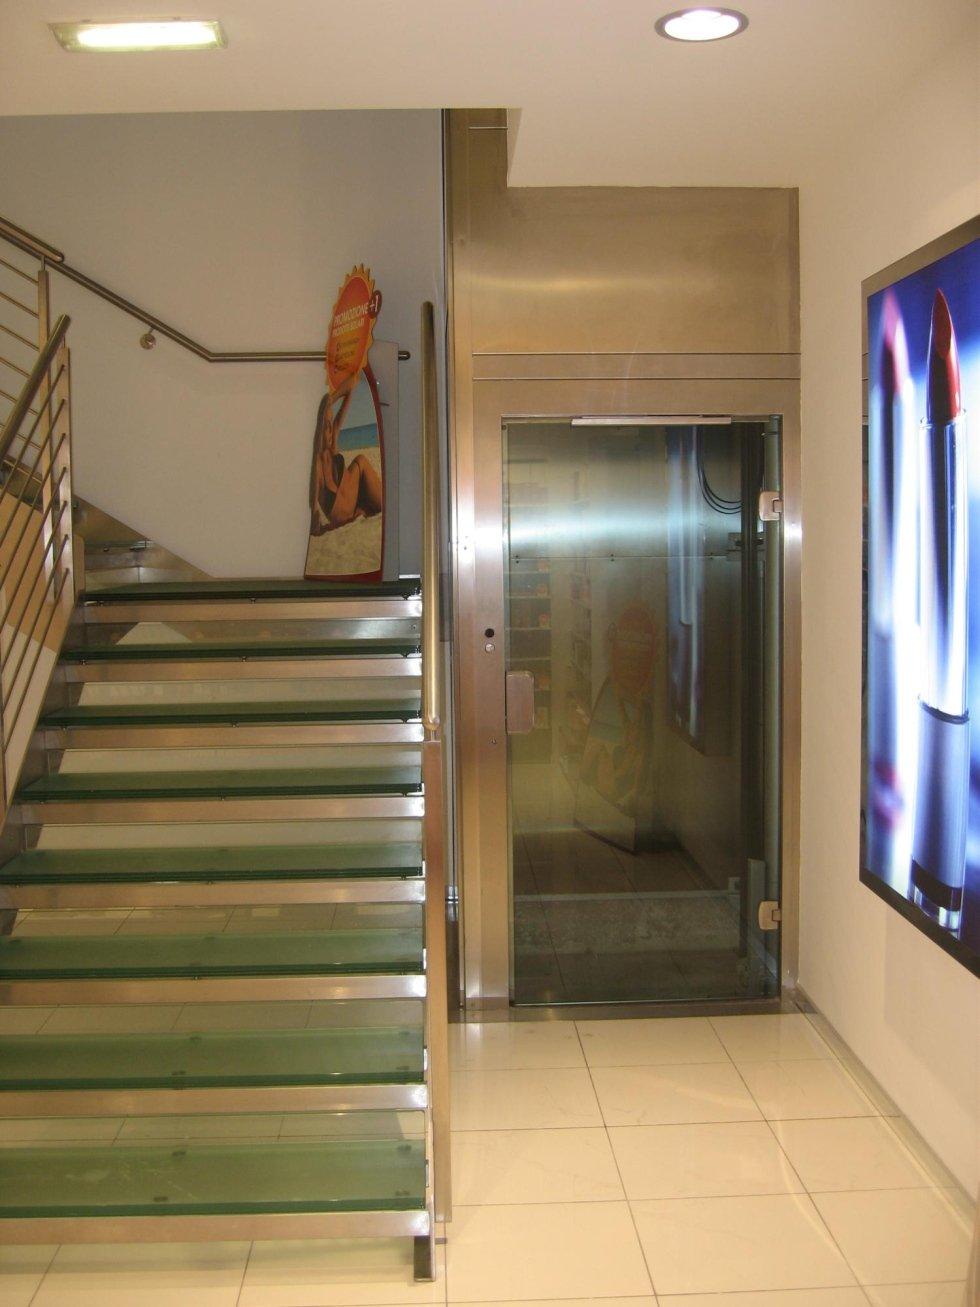 vista frontale di una scala con piattaforma elevatrice e arredamento di una casa